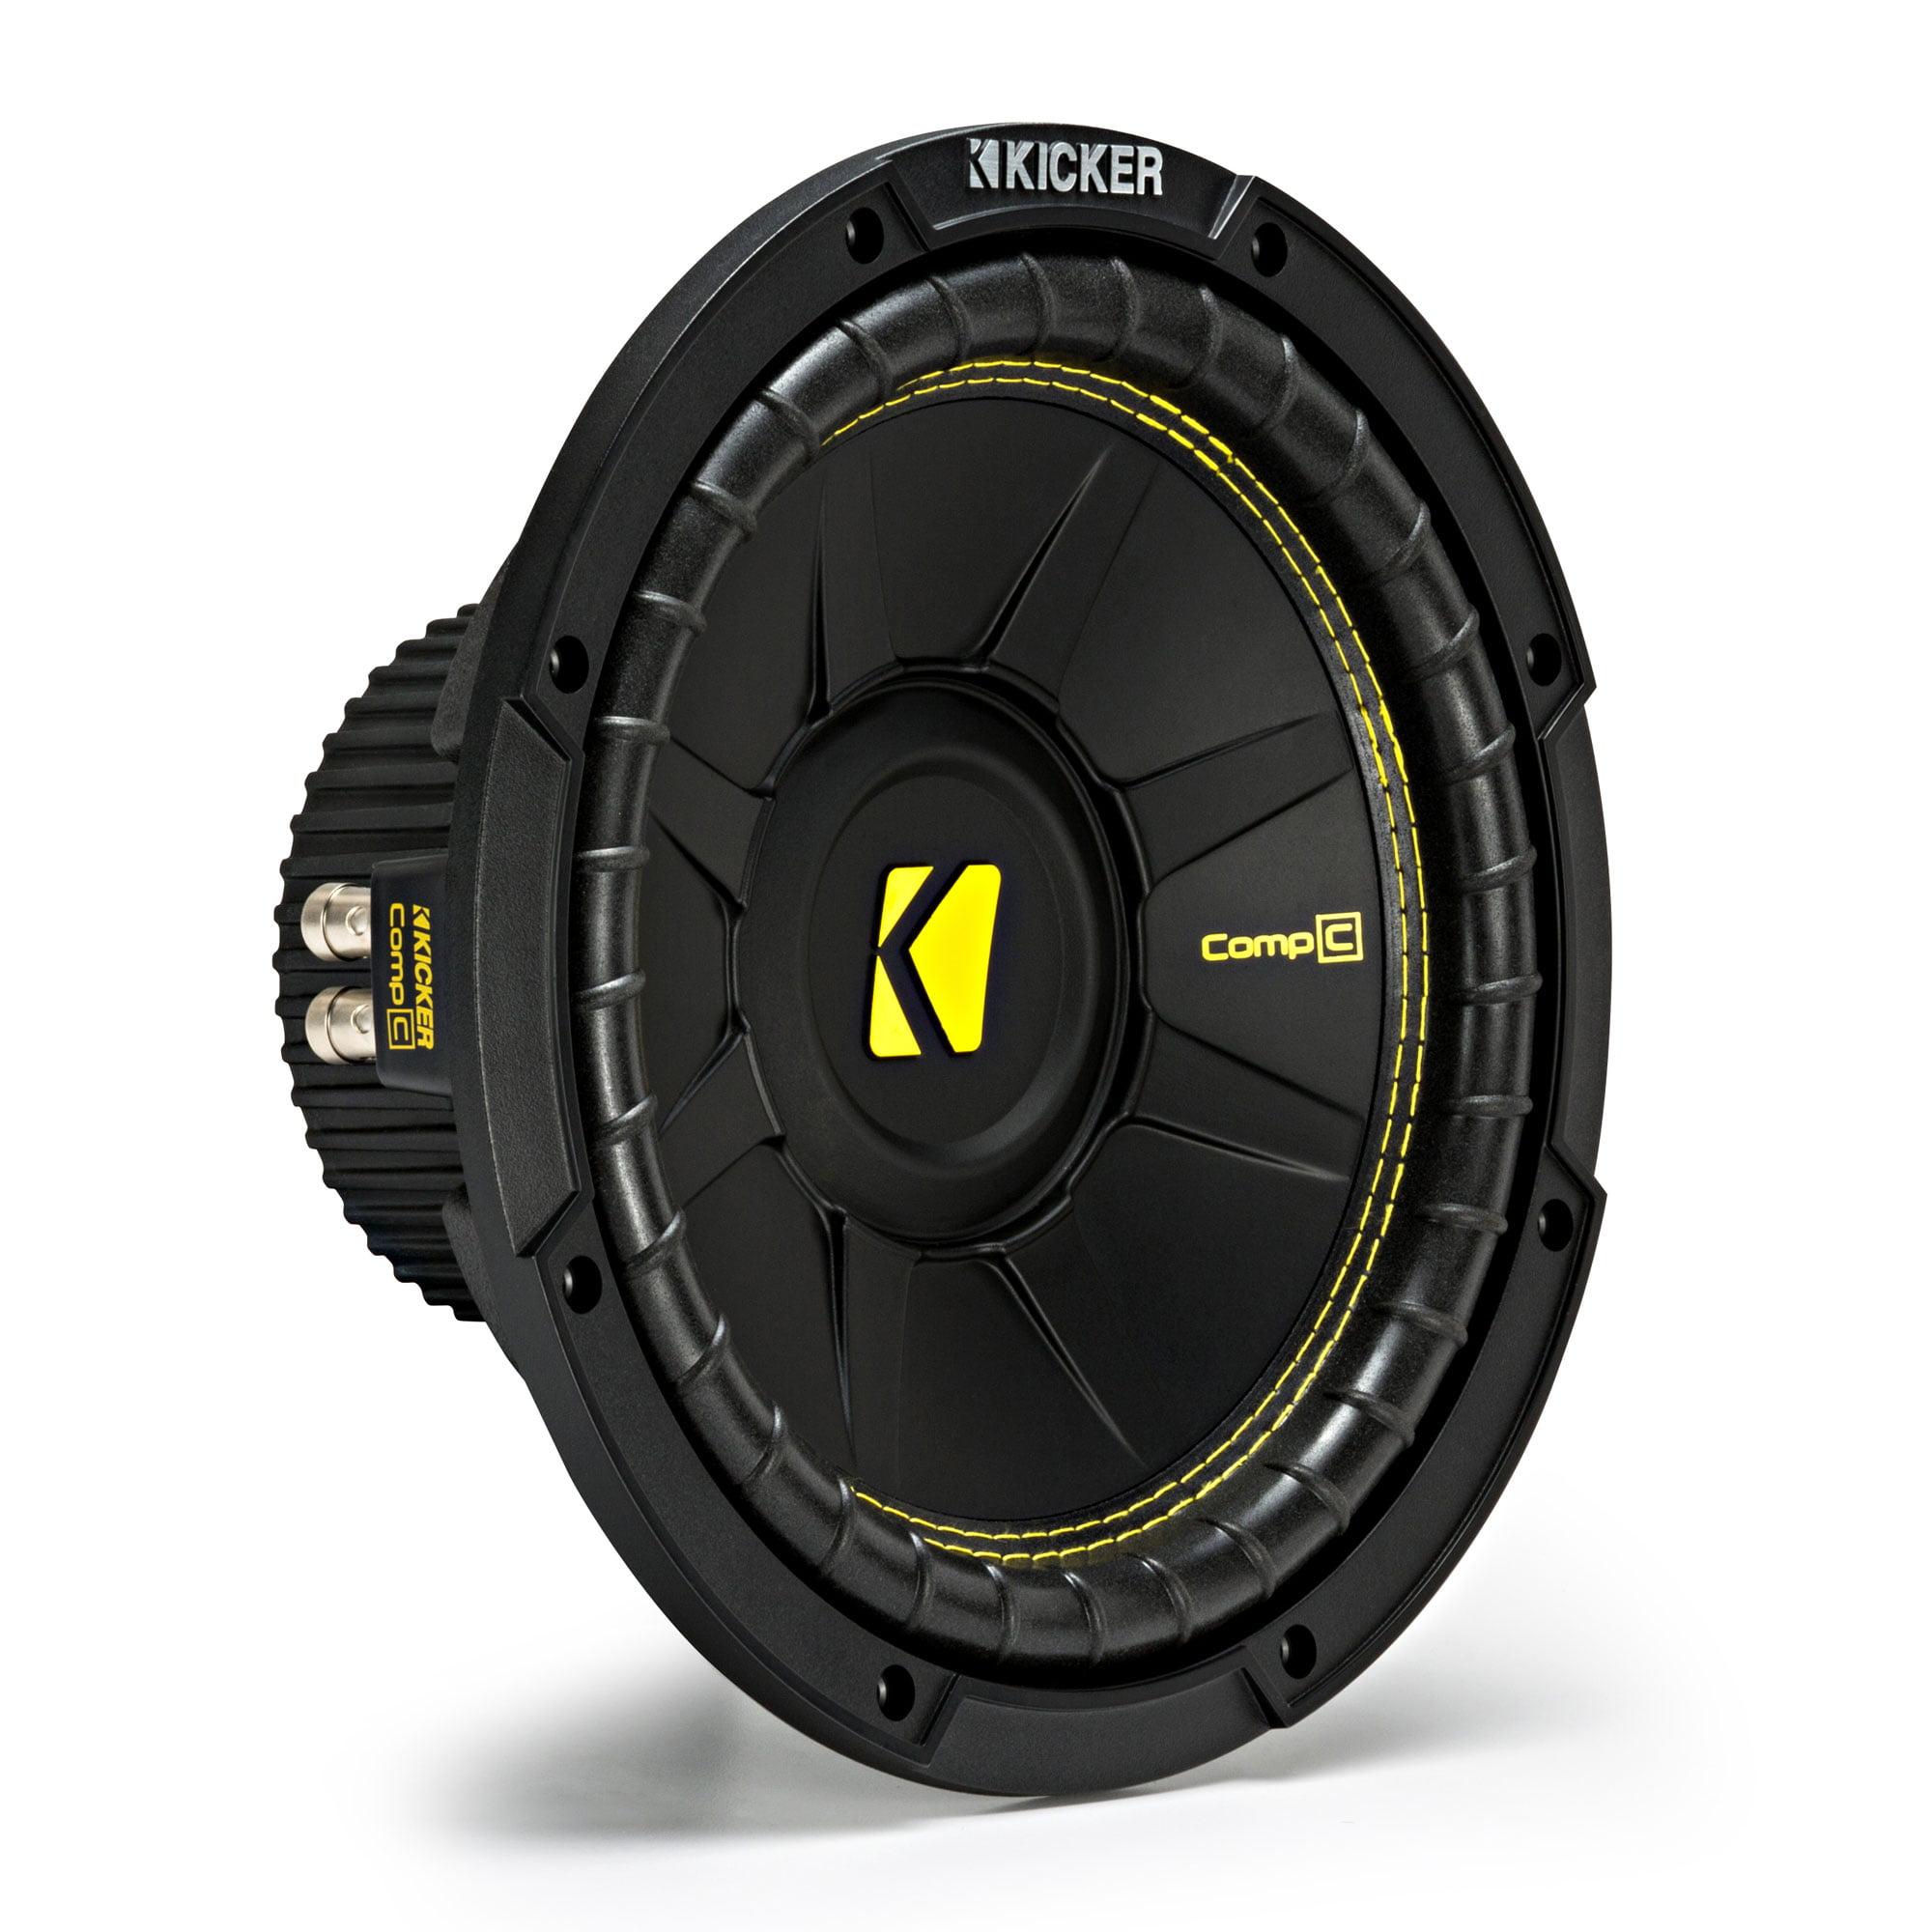 Kicker CompC Single 10 Inch 500 Watt Max Dual Voice Coil 4 Ohm Car ...